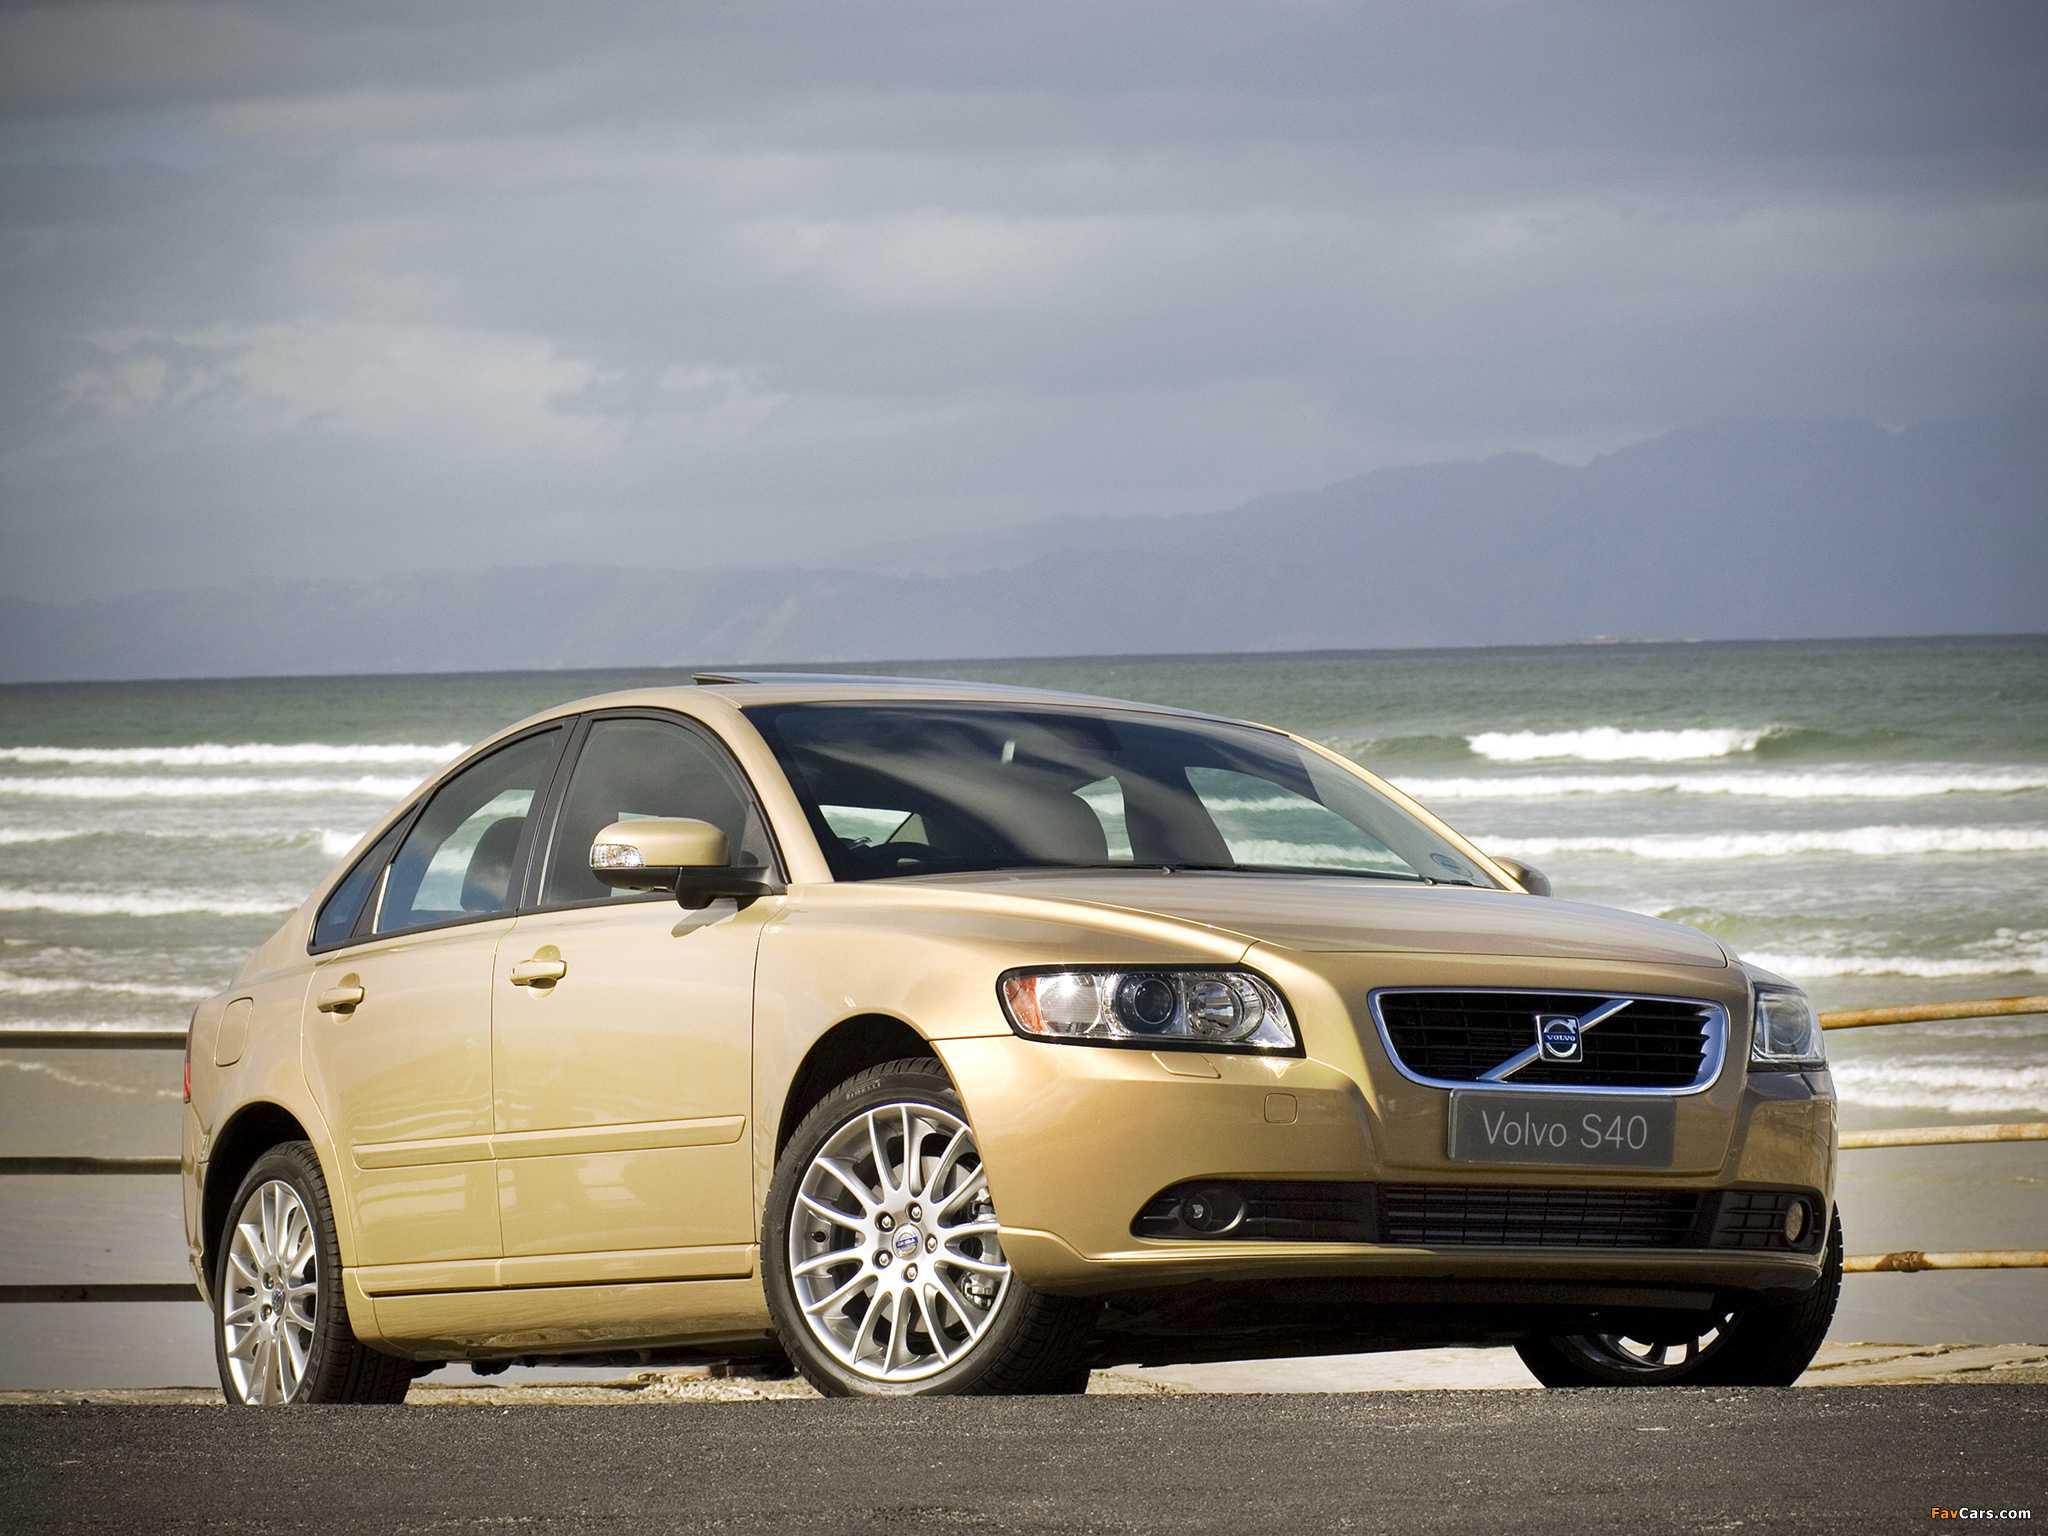 Volvo s40 i (1995-2004) - проблемы и неисправности